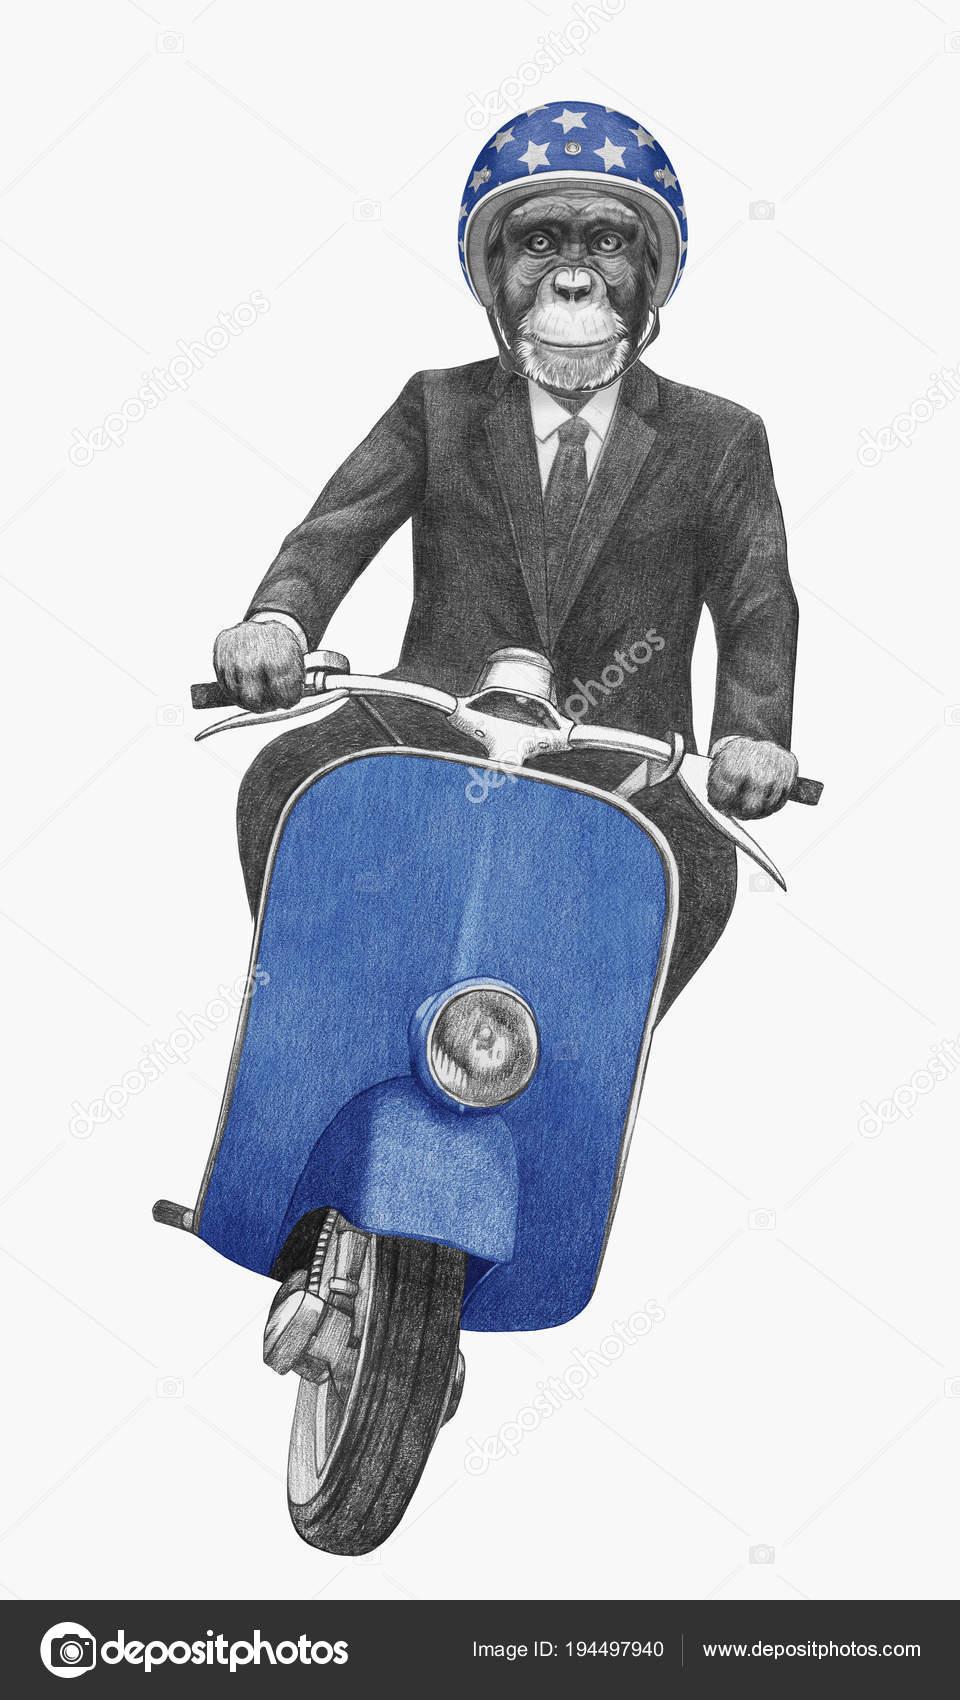 Il miglior posto classcic vera qualità Illustrazione Scimpanzé Antropomorfo Guida Vintage Motor ...